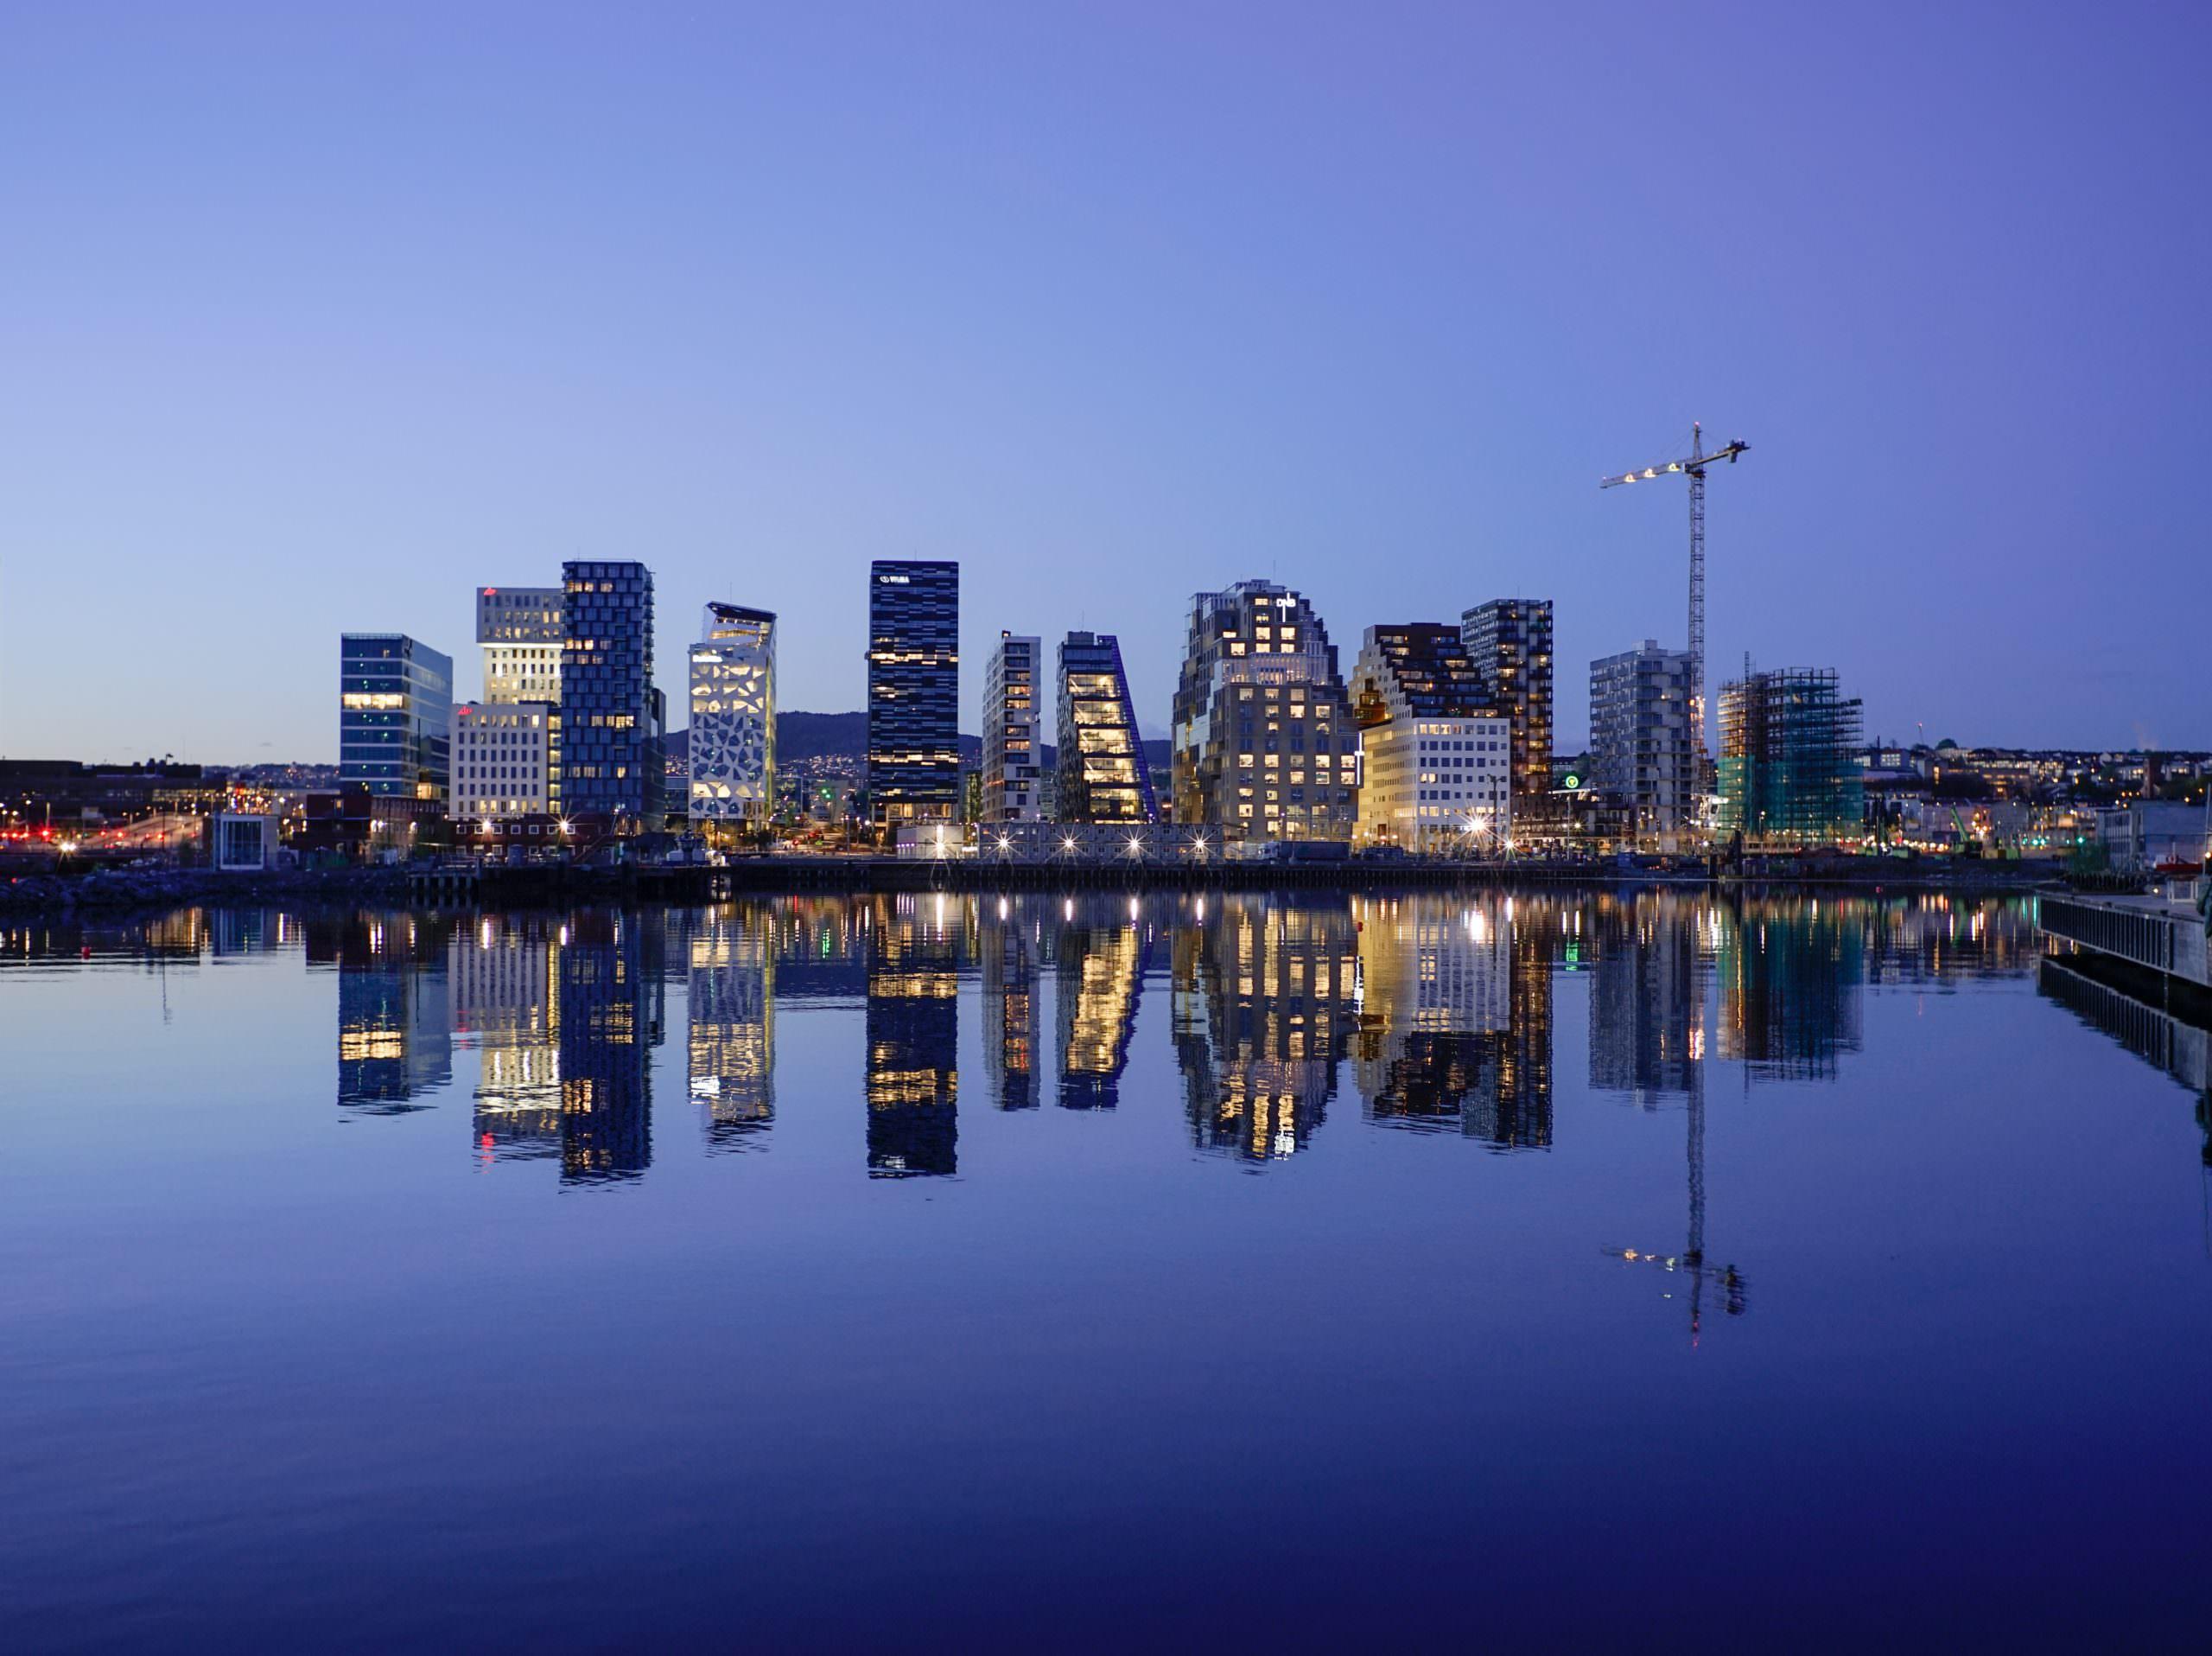 8 أسباب تدفعك لزيارة مدينة أوسلو في النرويج